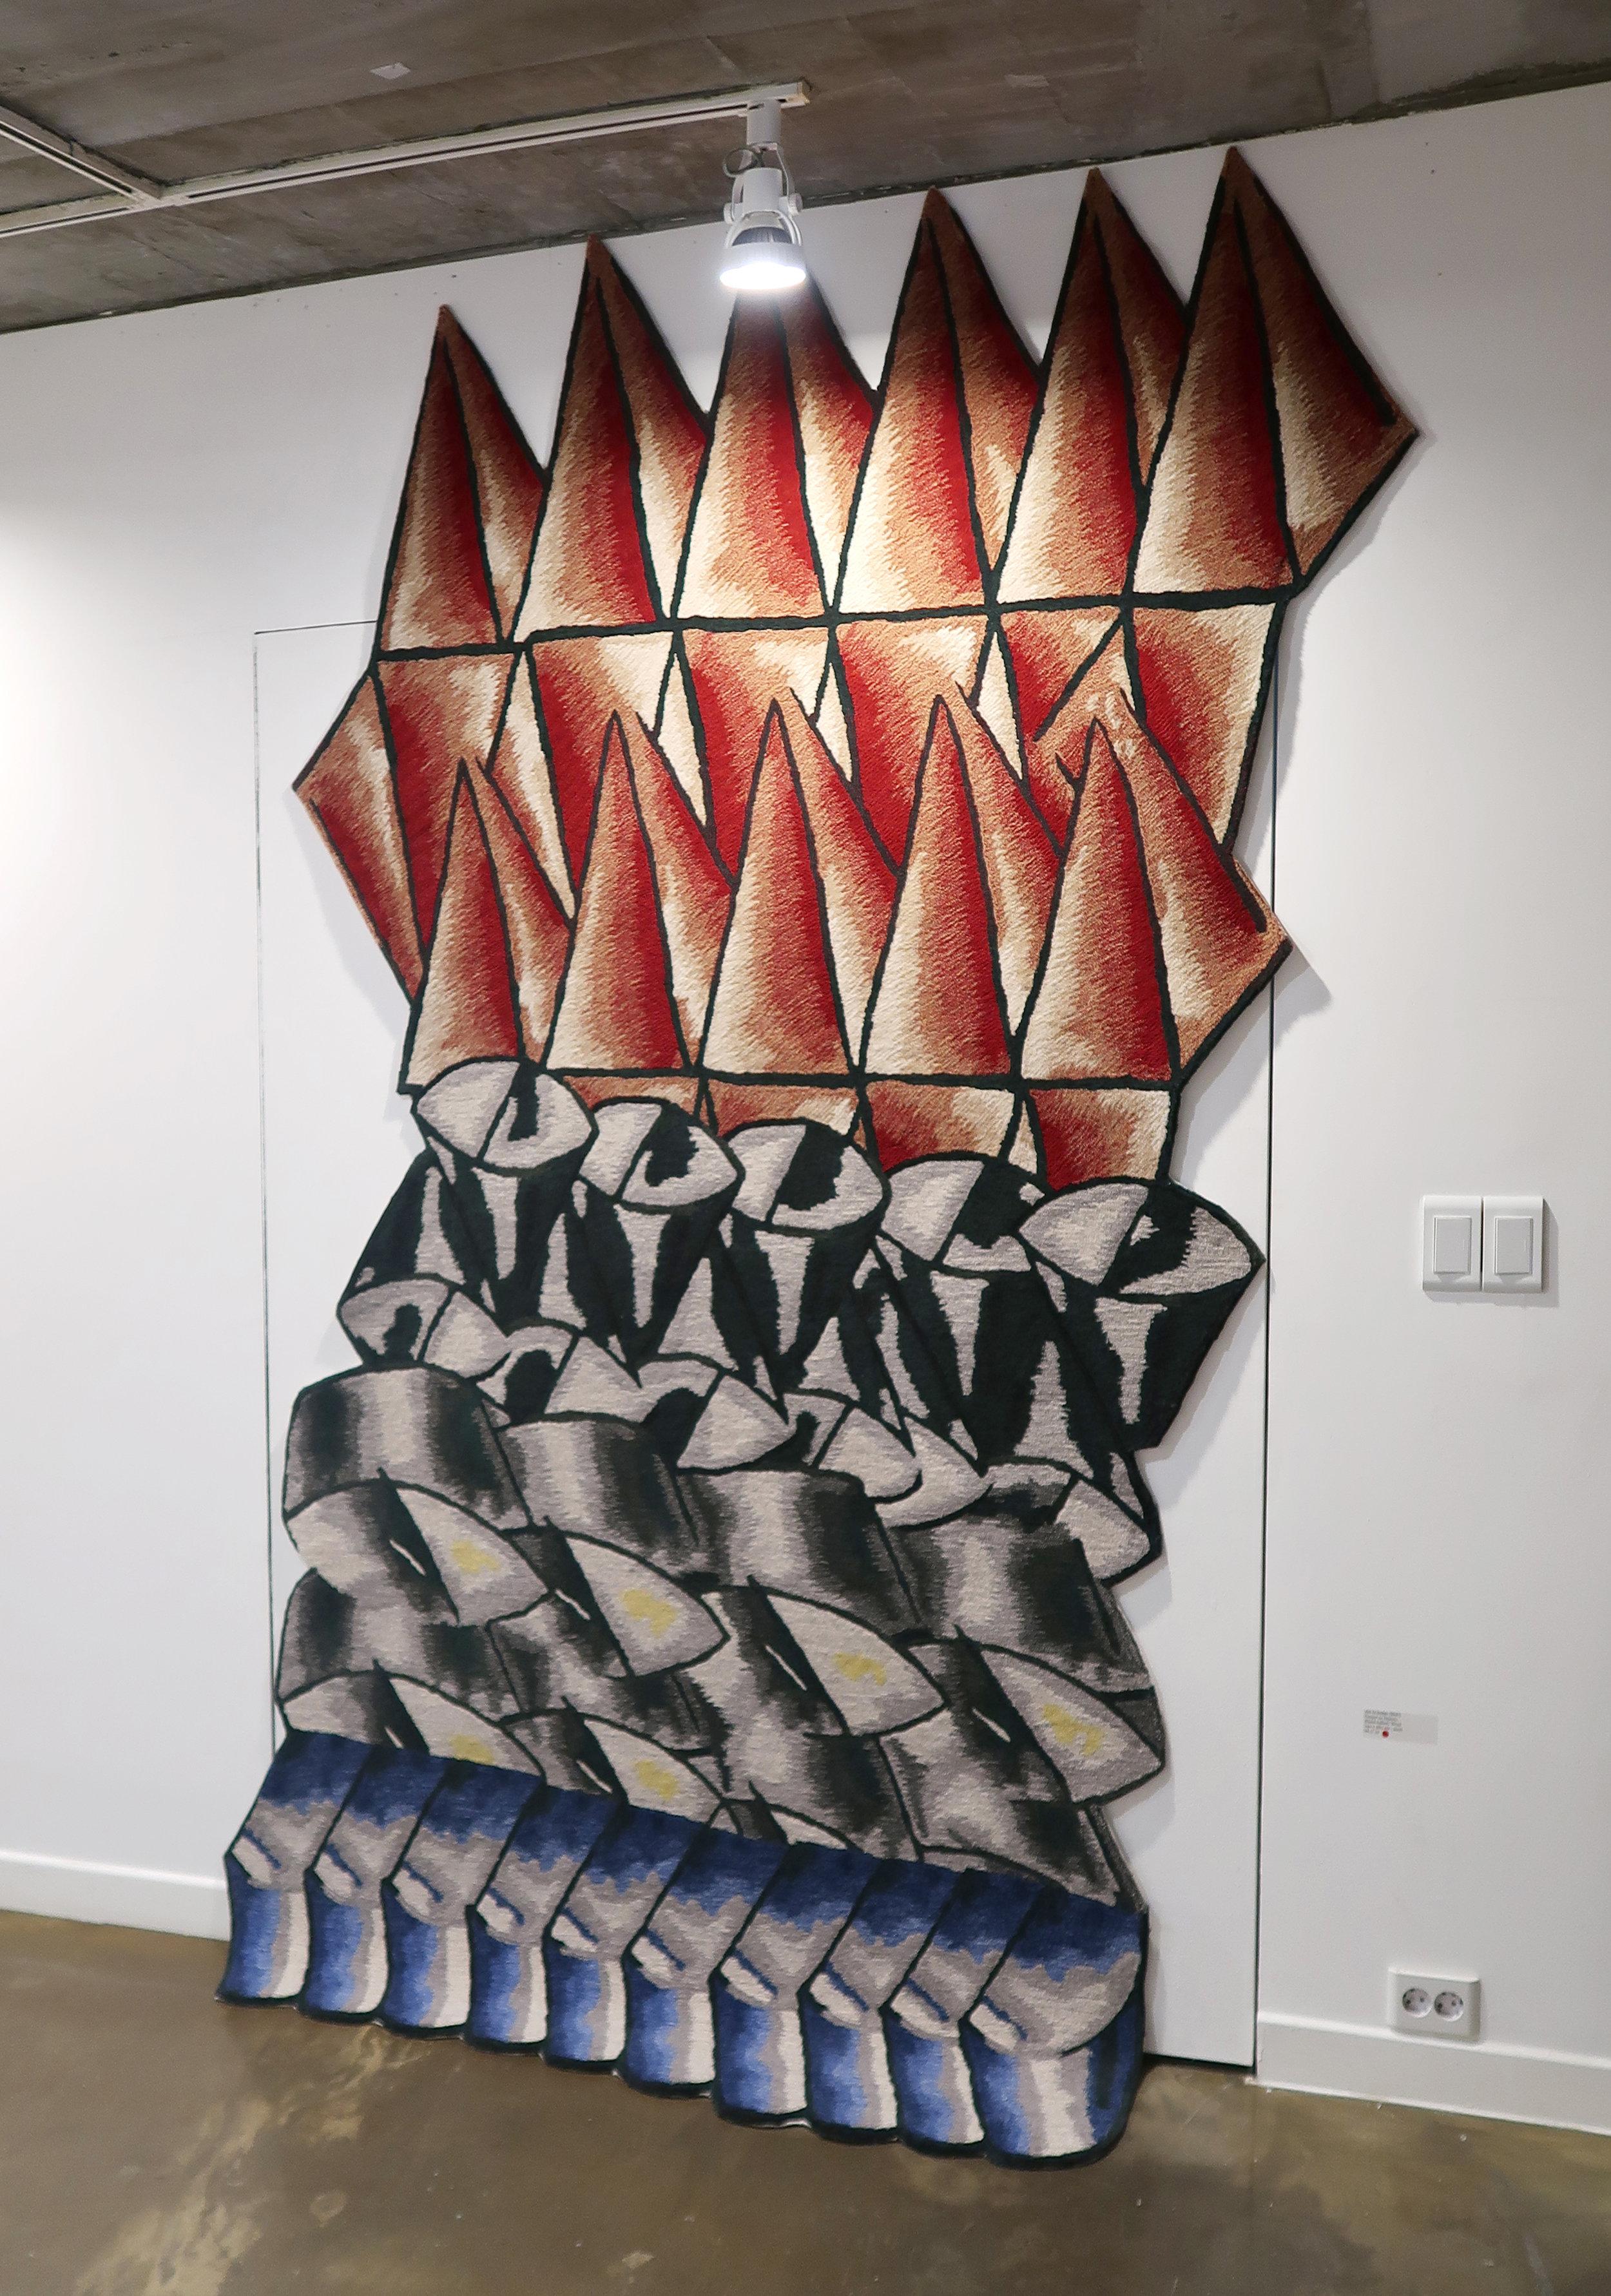 Carpet as Desert 1, 1900mm * 2800mm, Wool, Hand-tufted Carpet